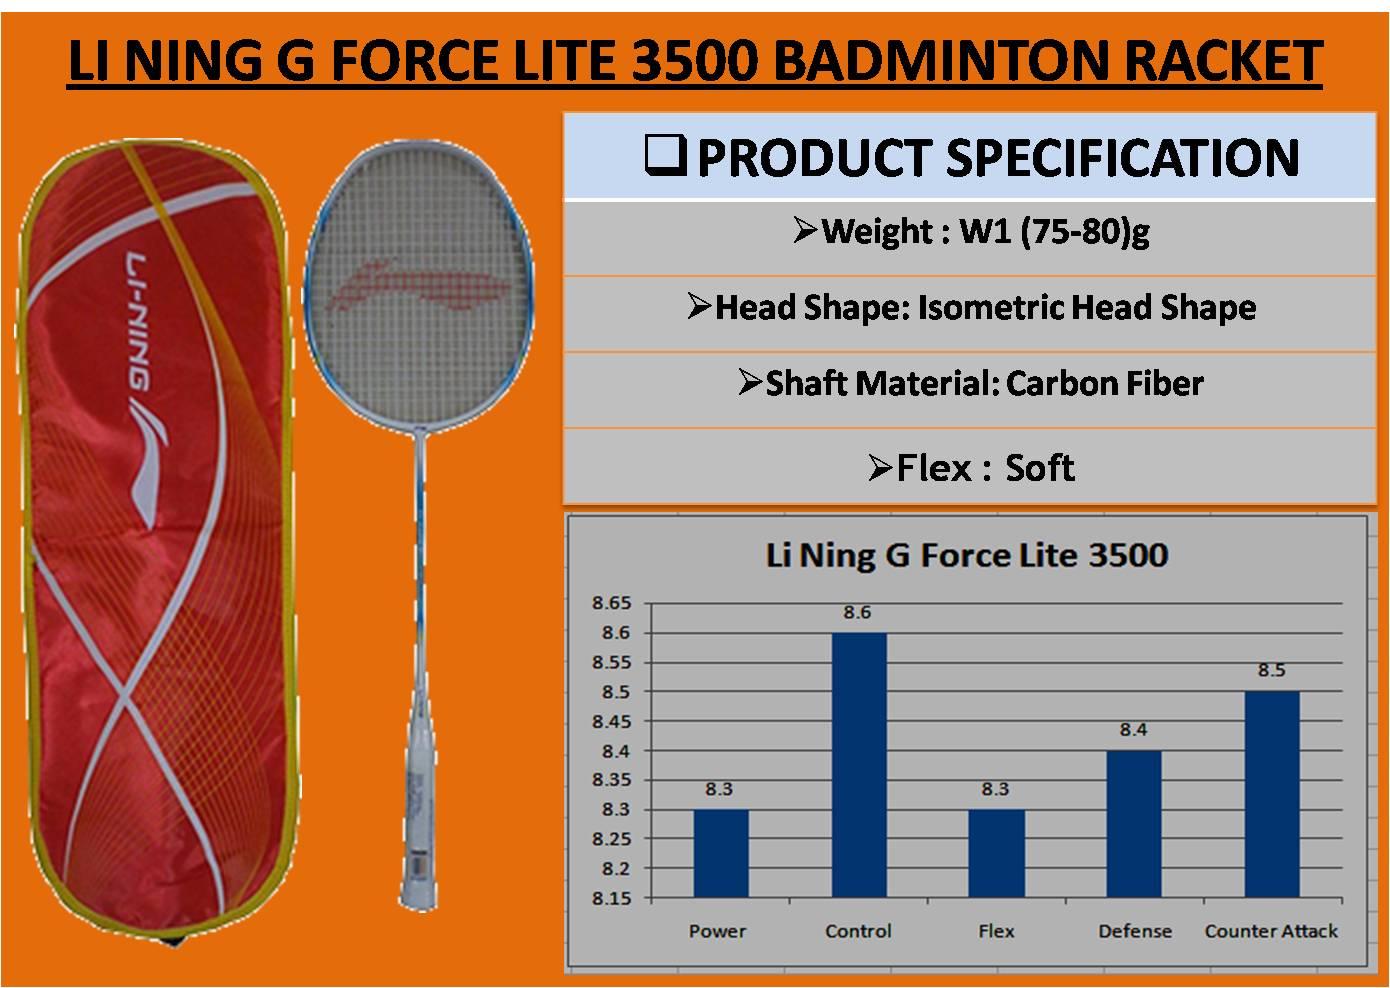 LI NING G FORCE LITE 3500 BADMINTON RACKET